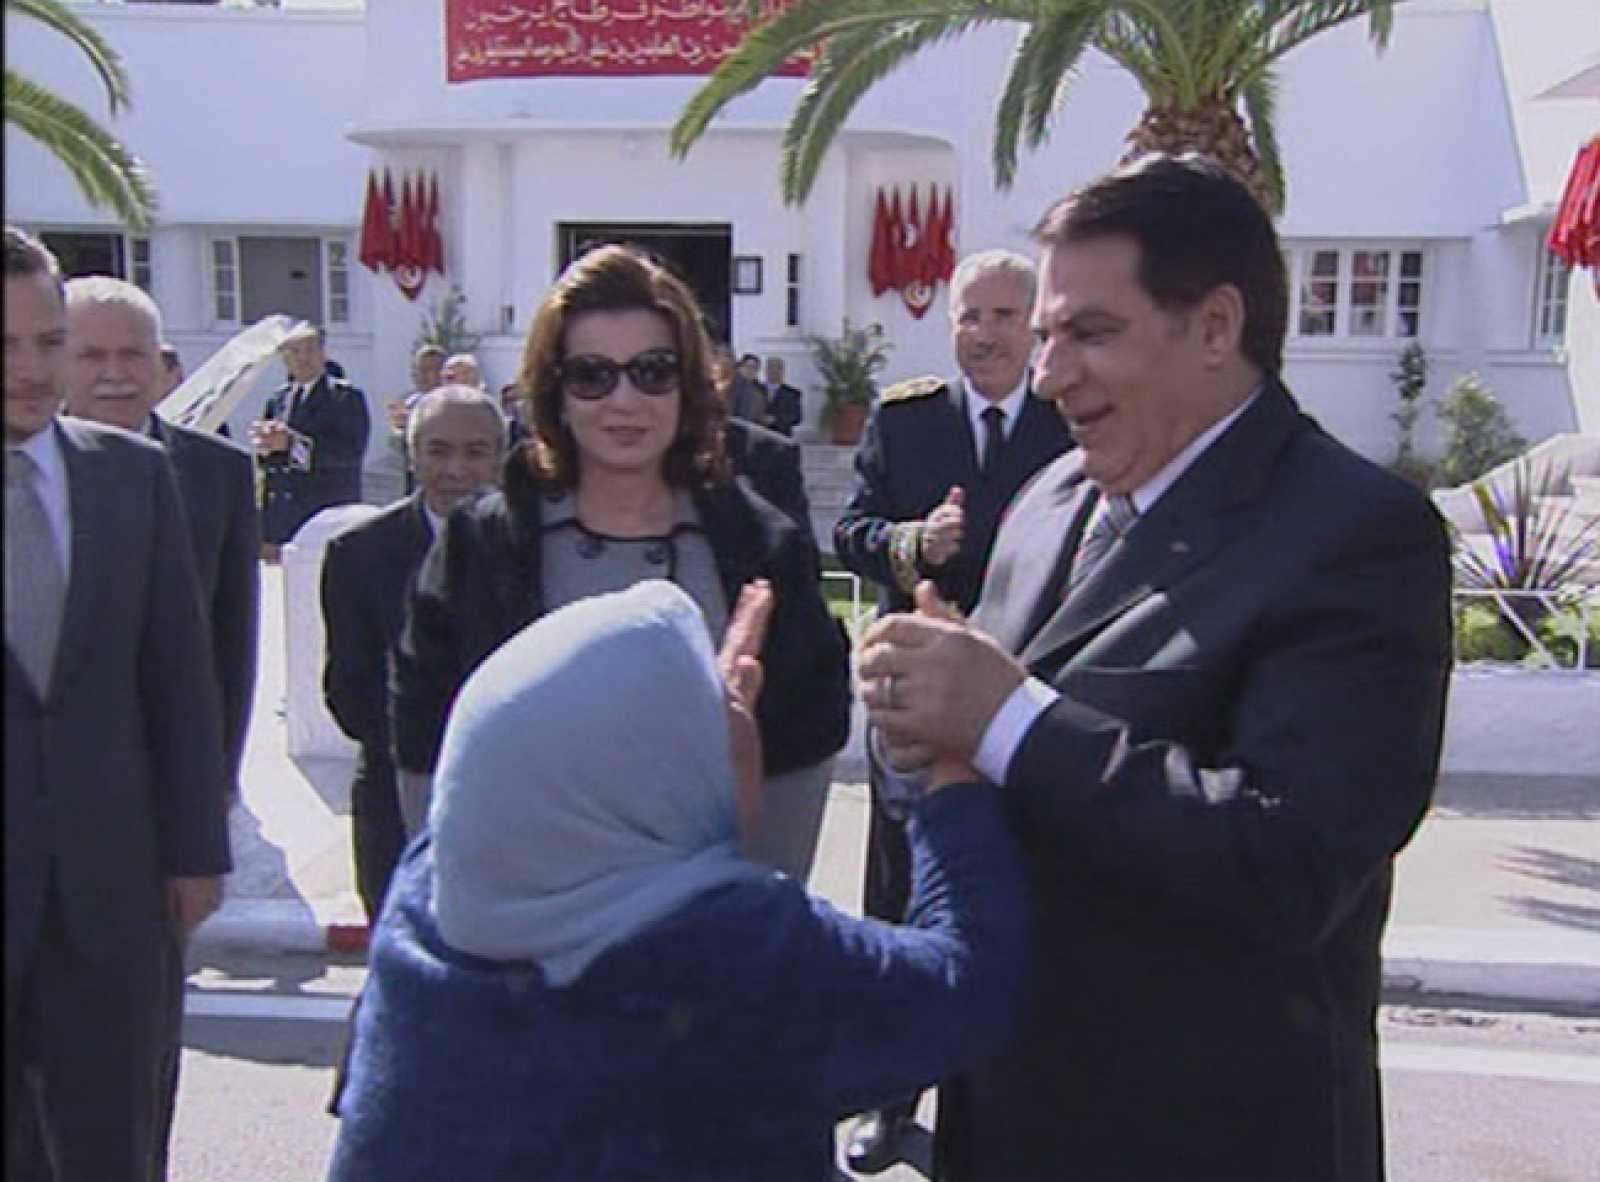 Túnez, libertad, dignidad y justicia en un país marcado por la corrupción económica